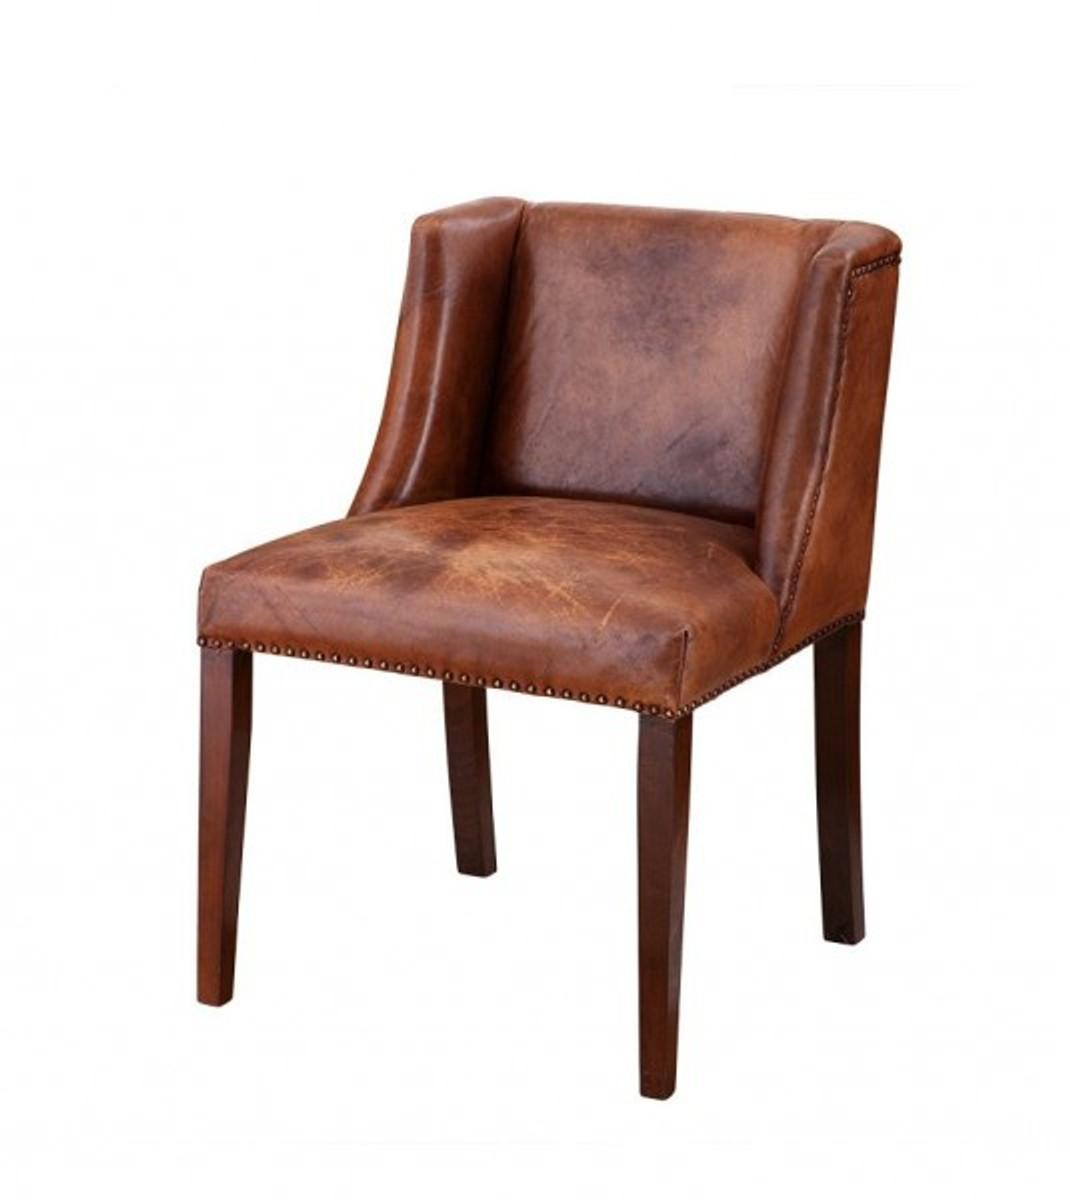 Casa Padrino Luxus Esszimmer Leder Stuhl Braun Luxus Hotel Möbel